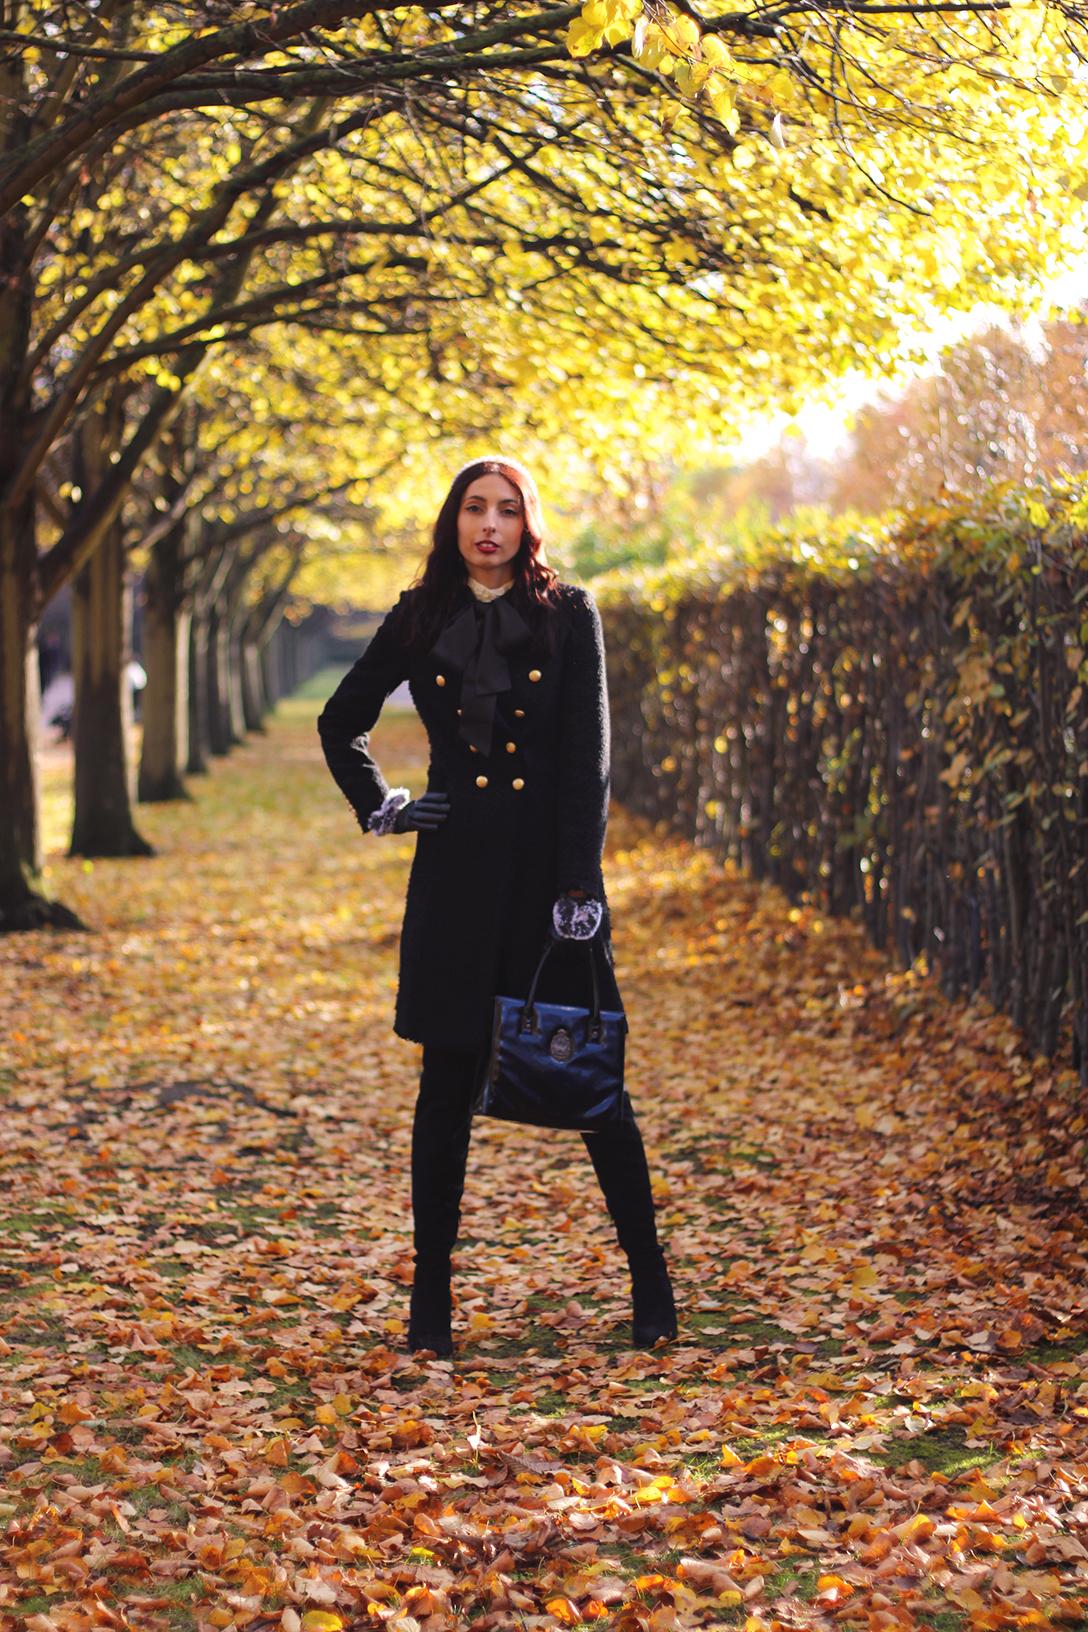 Autumn Zara coat outfit